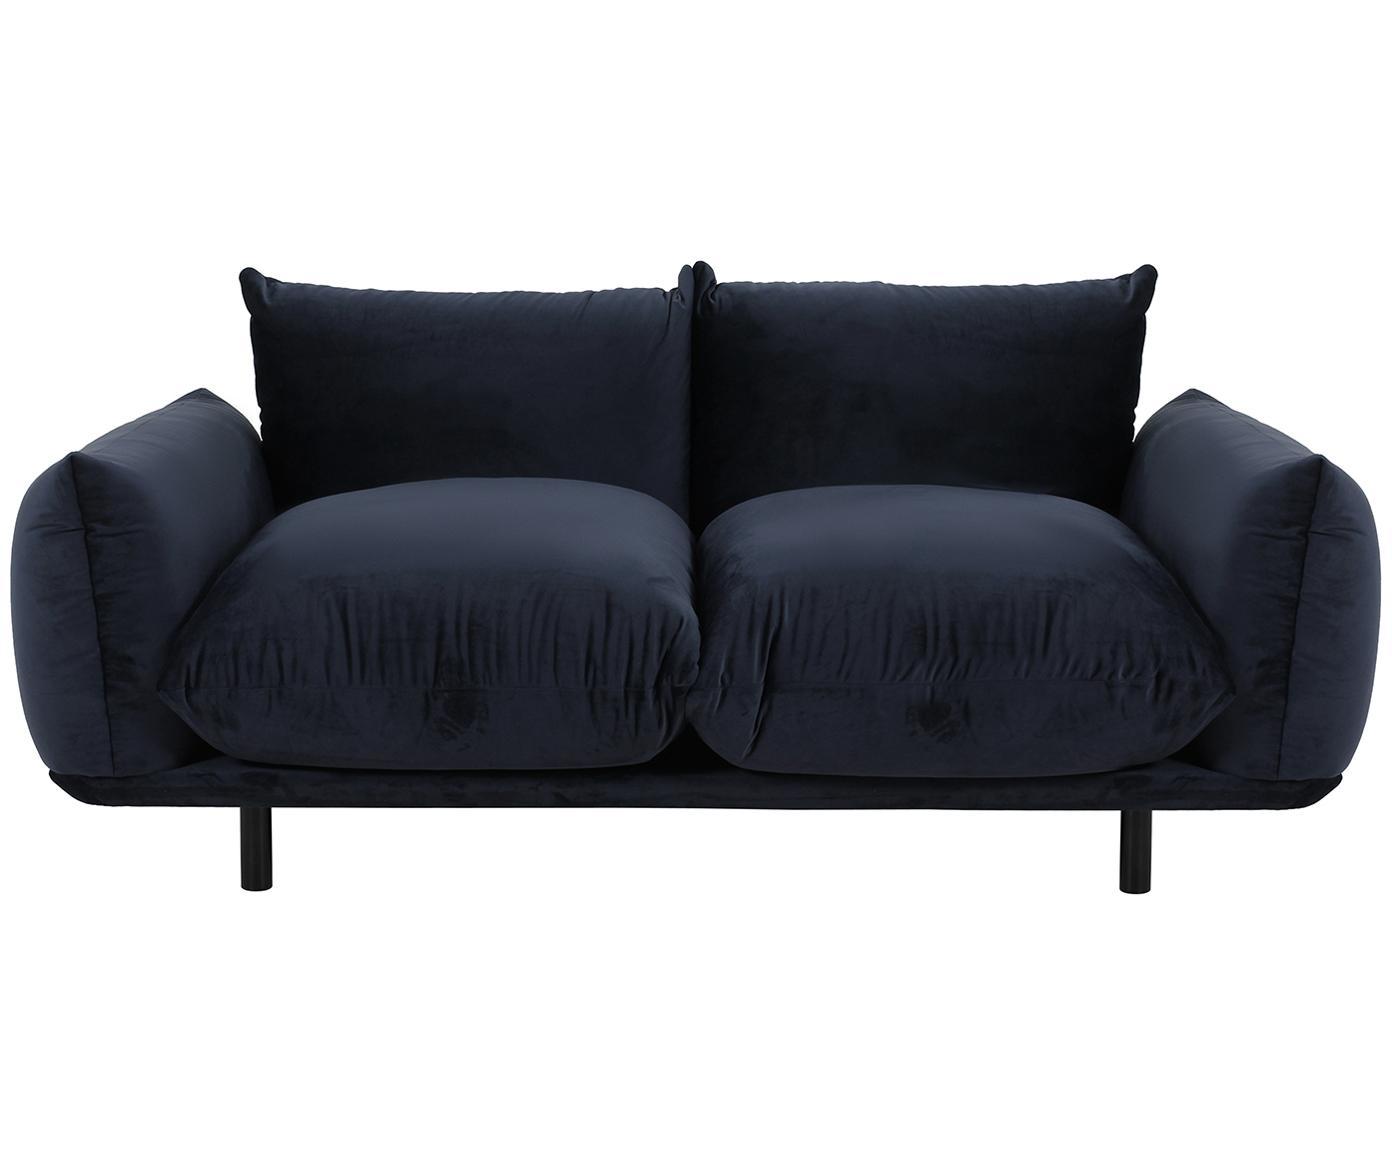 Sofa z aksamitu Saga (3-osobowa), Tapicerka: 100% aksamit poliestrowy , Stelaż: lite drewno brzozowe, Nogi: metal malowany proszkowo, Ciemny niebieski, S 170 x G 103 cm